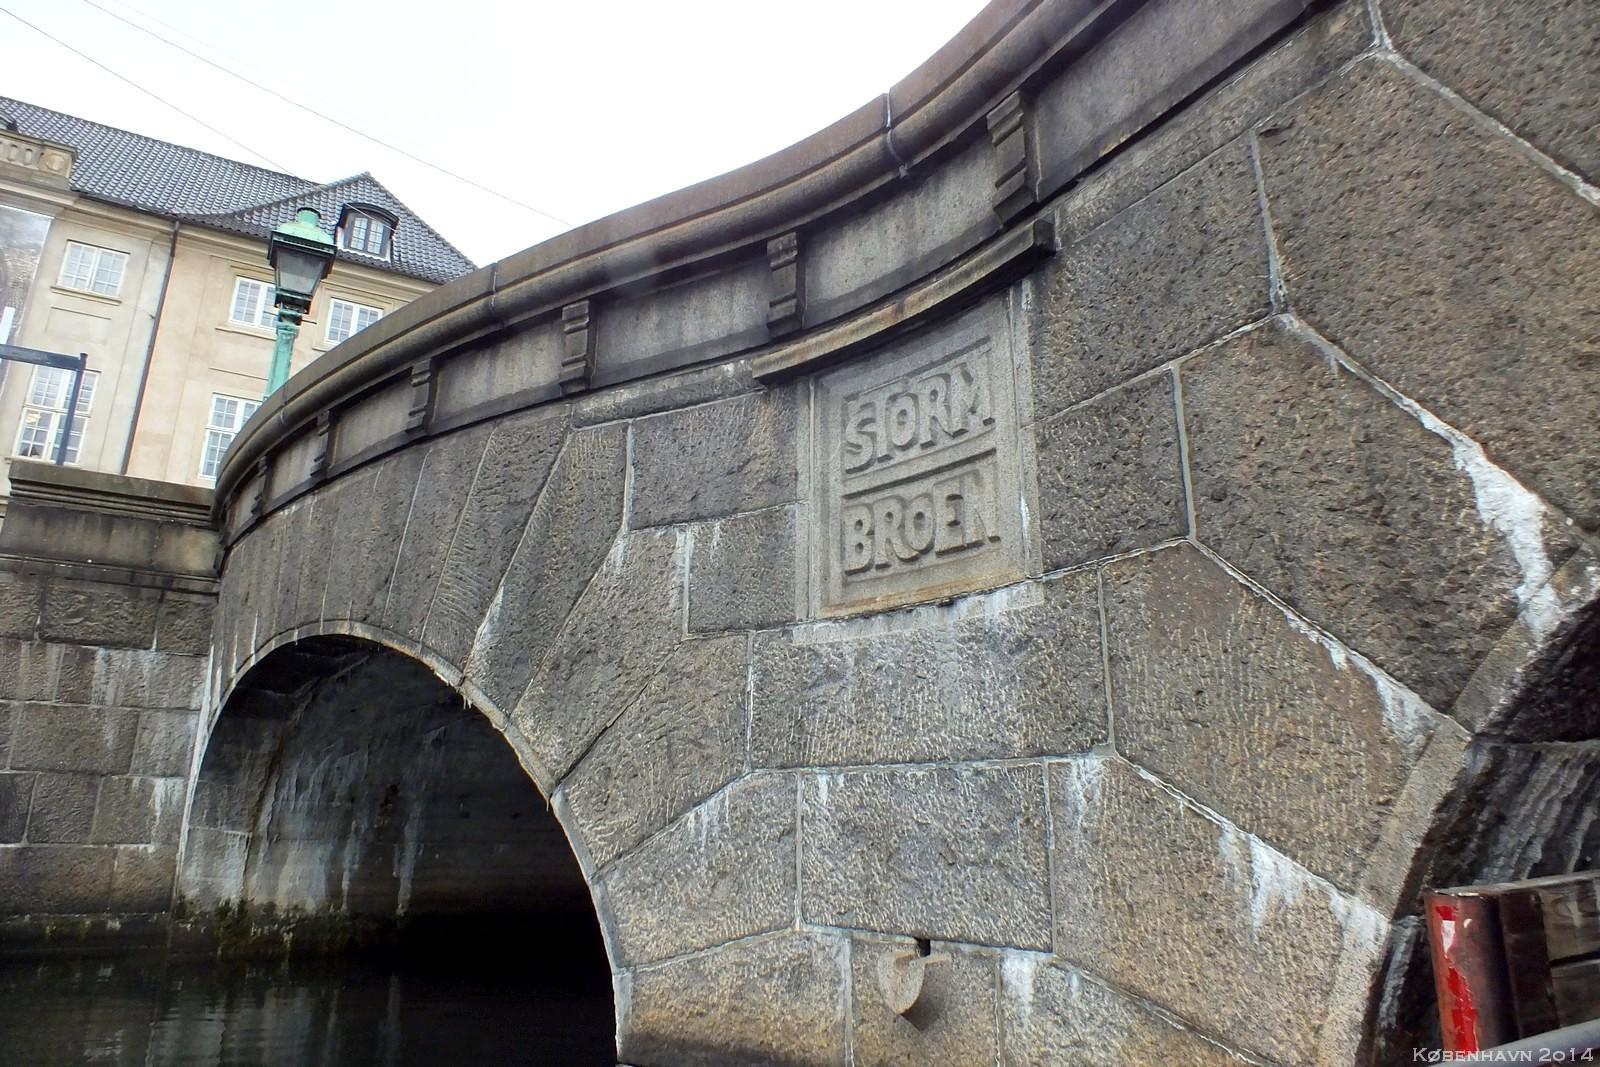 Storm Broen, København, Denmark